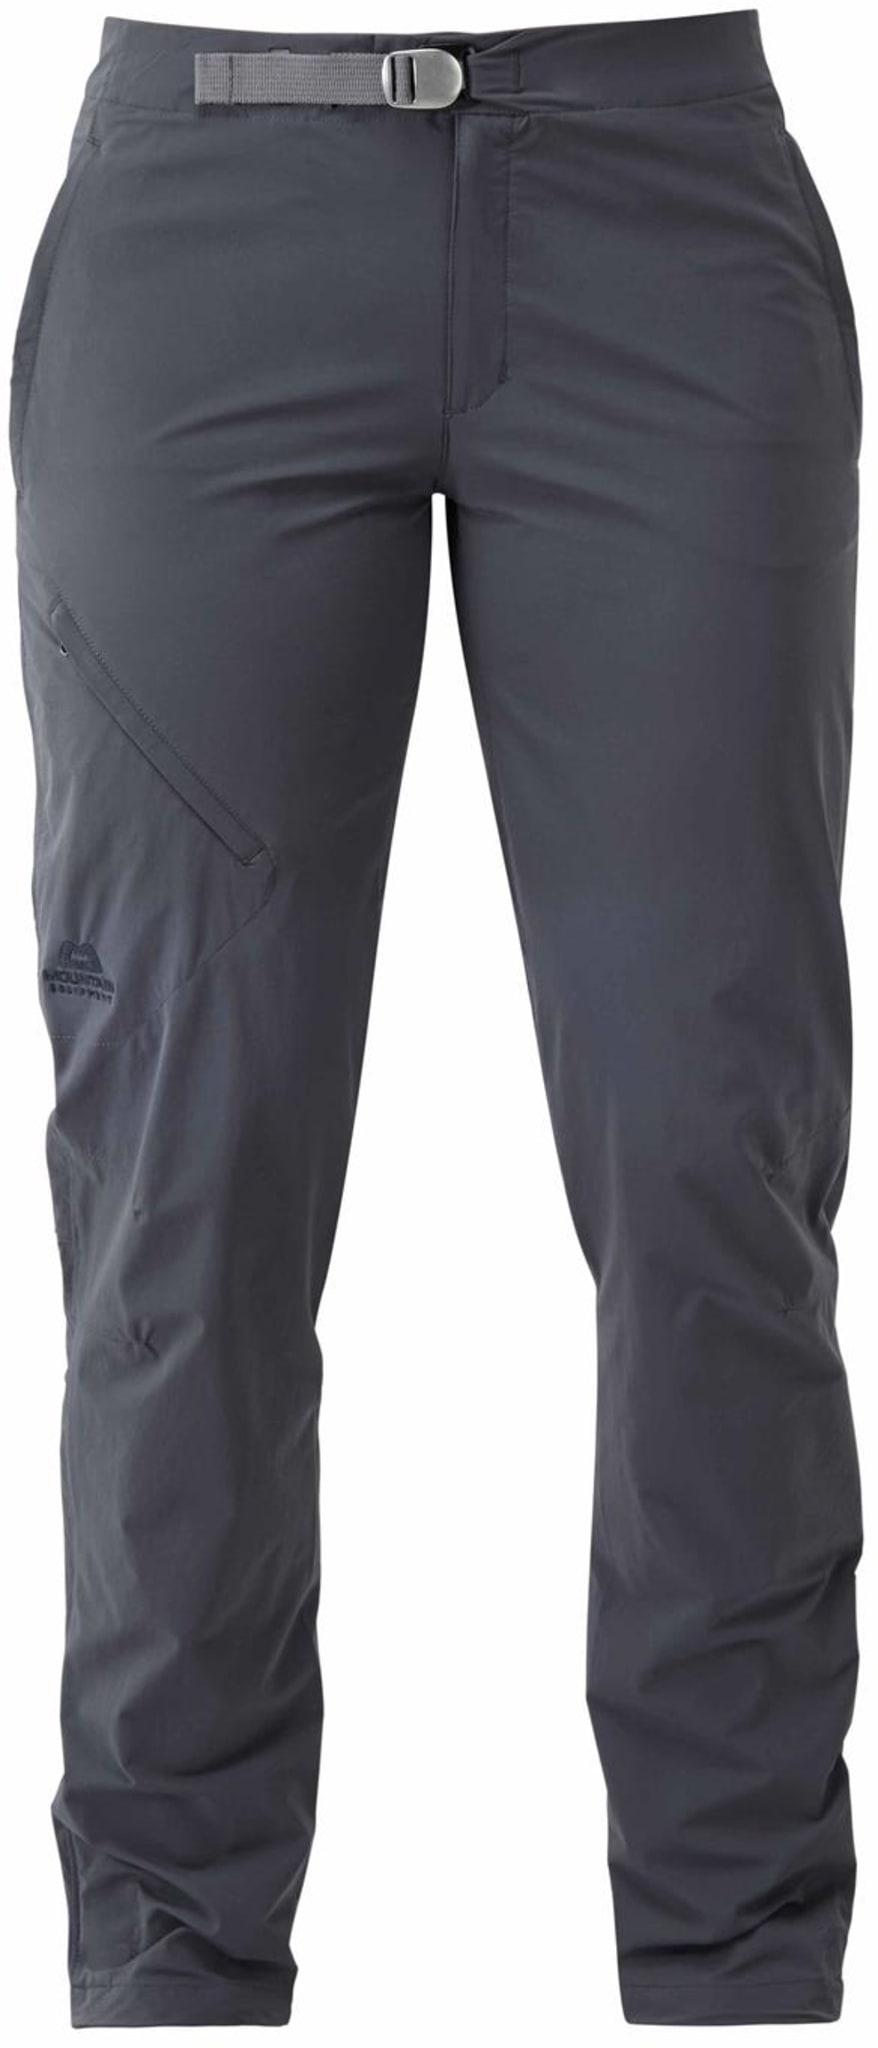 Tynn og lett softshell til tur og klatring i varmt vær